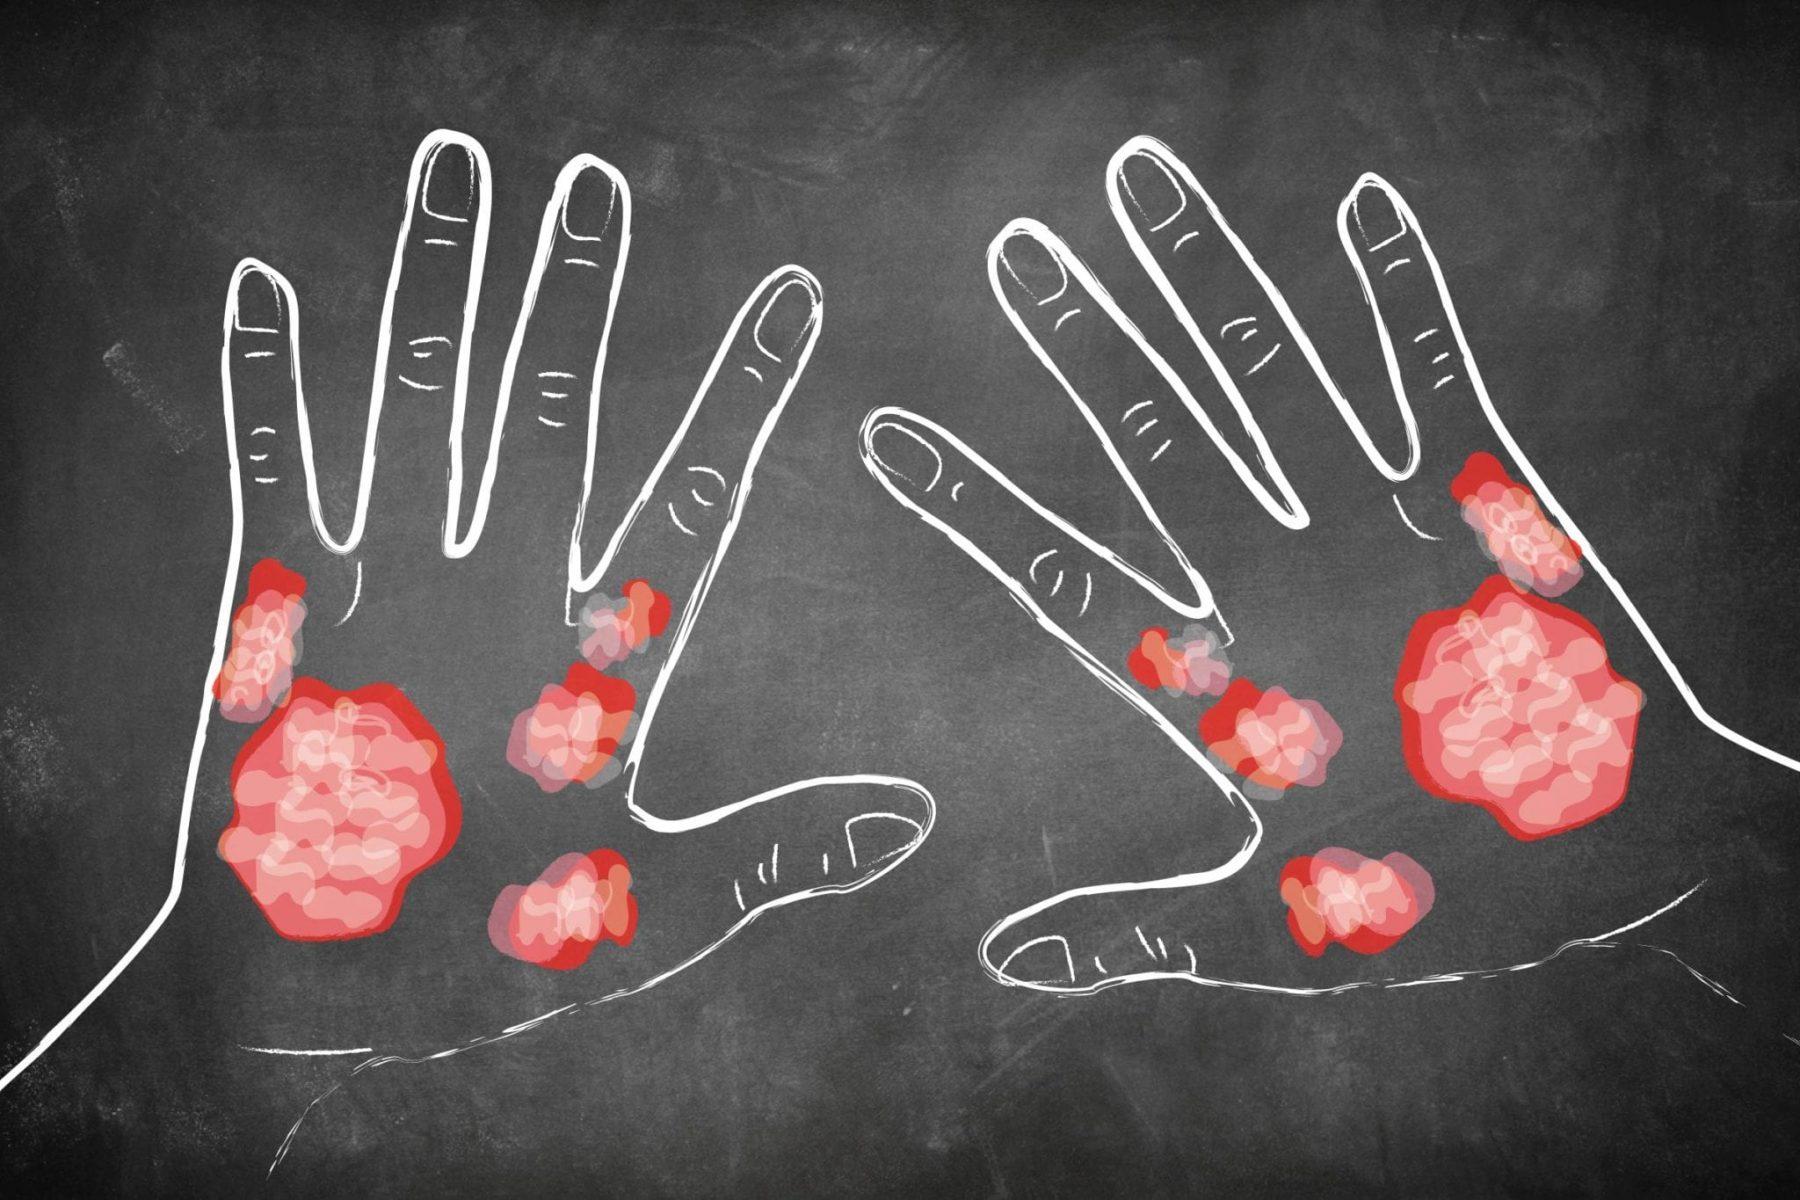 Ψωρίαση δερματοπάθεια: Παγκόσμια Ημέρα Ψωρίασης